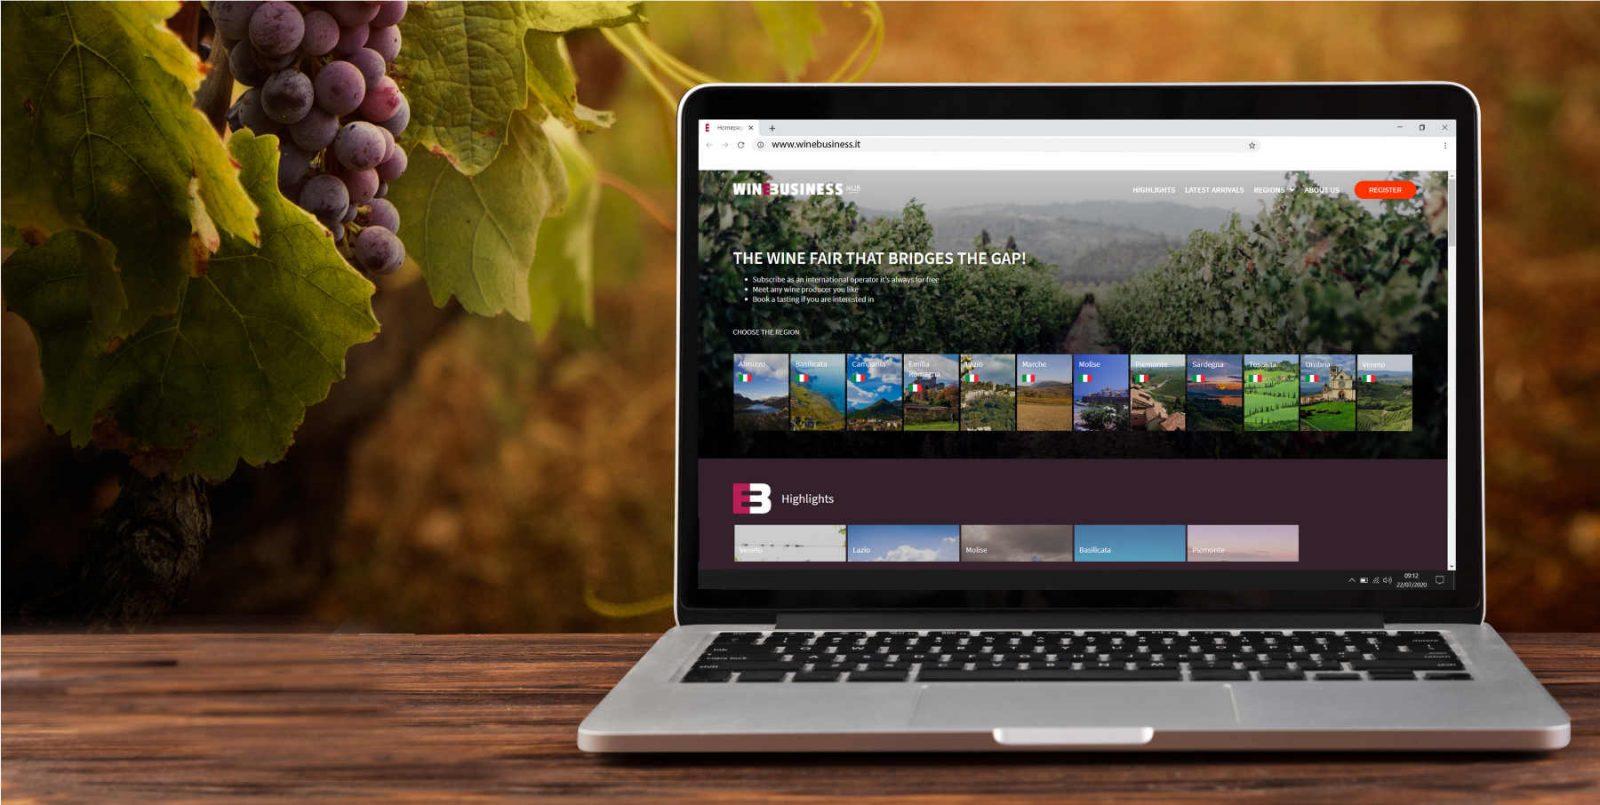 Finanziamenti per vendere vino all'estero online  dalla tua cantina